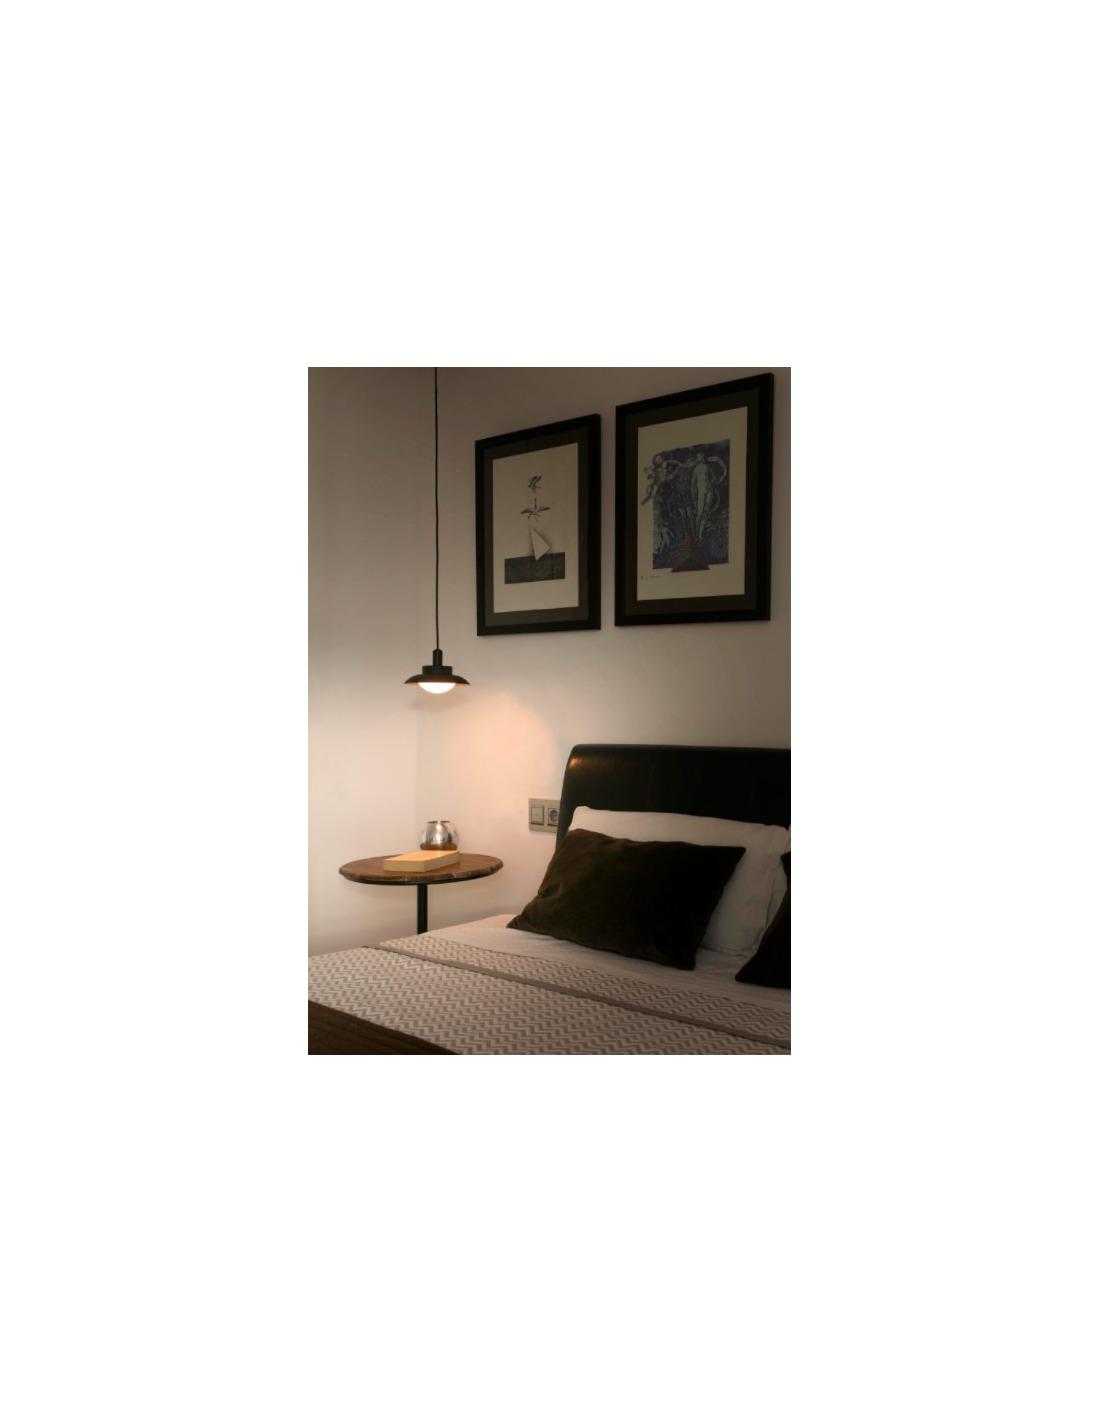 suspension design globy noir en m tal et verre par alex manel llusc otoko. Black Bedroom Furniture Sets. Home Design Ideas